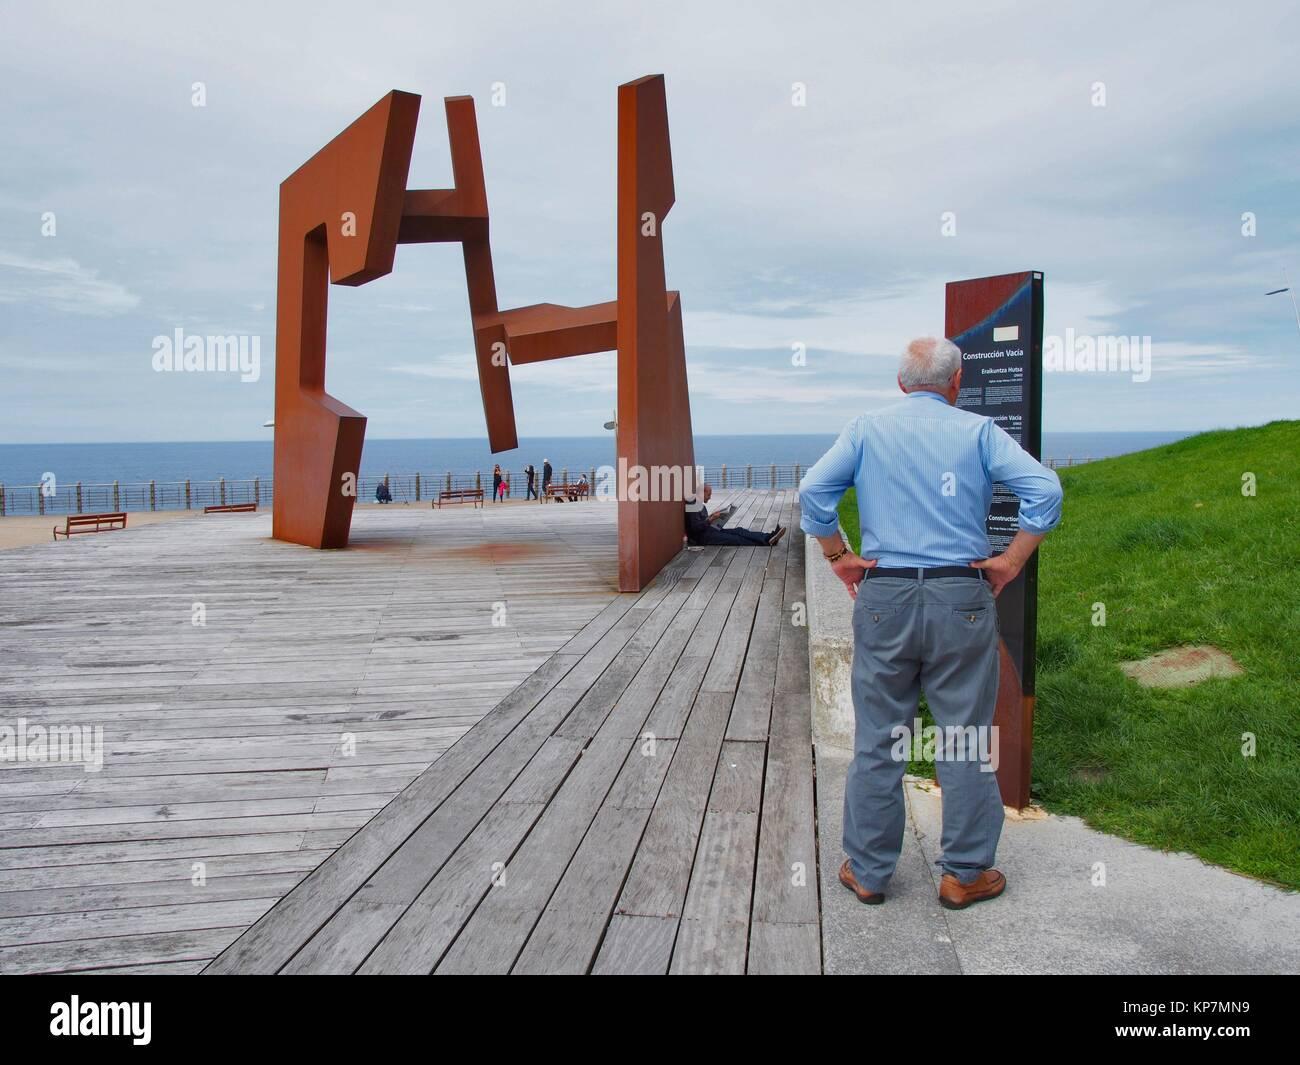 Jorge Oteiza sculpture called Construcción Vacia or Void Construction. San Sebastian City. Basque country. - Stock Image